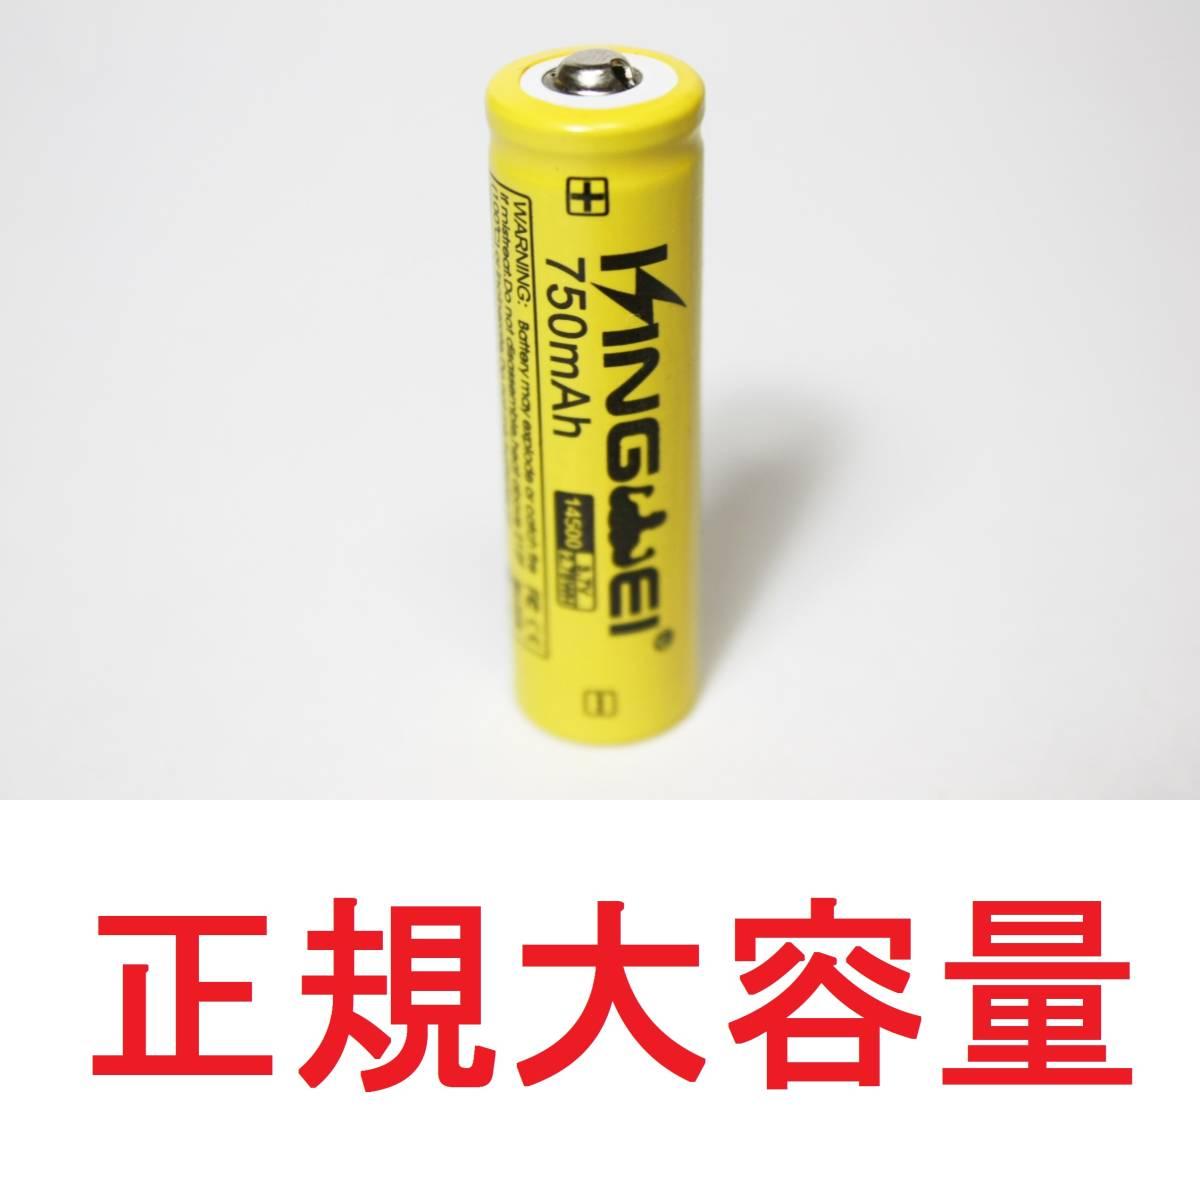 ★ 正規大容量 14500 リチウムイオン 充電池 バッテリー 懐中電灯 ハンディライト 05_画像1